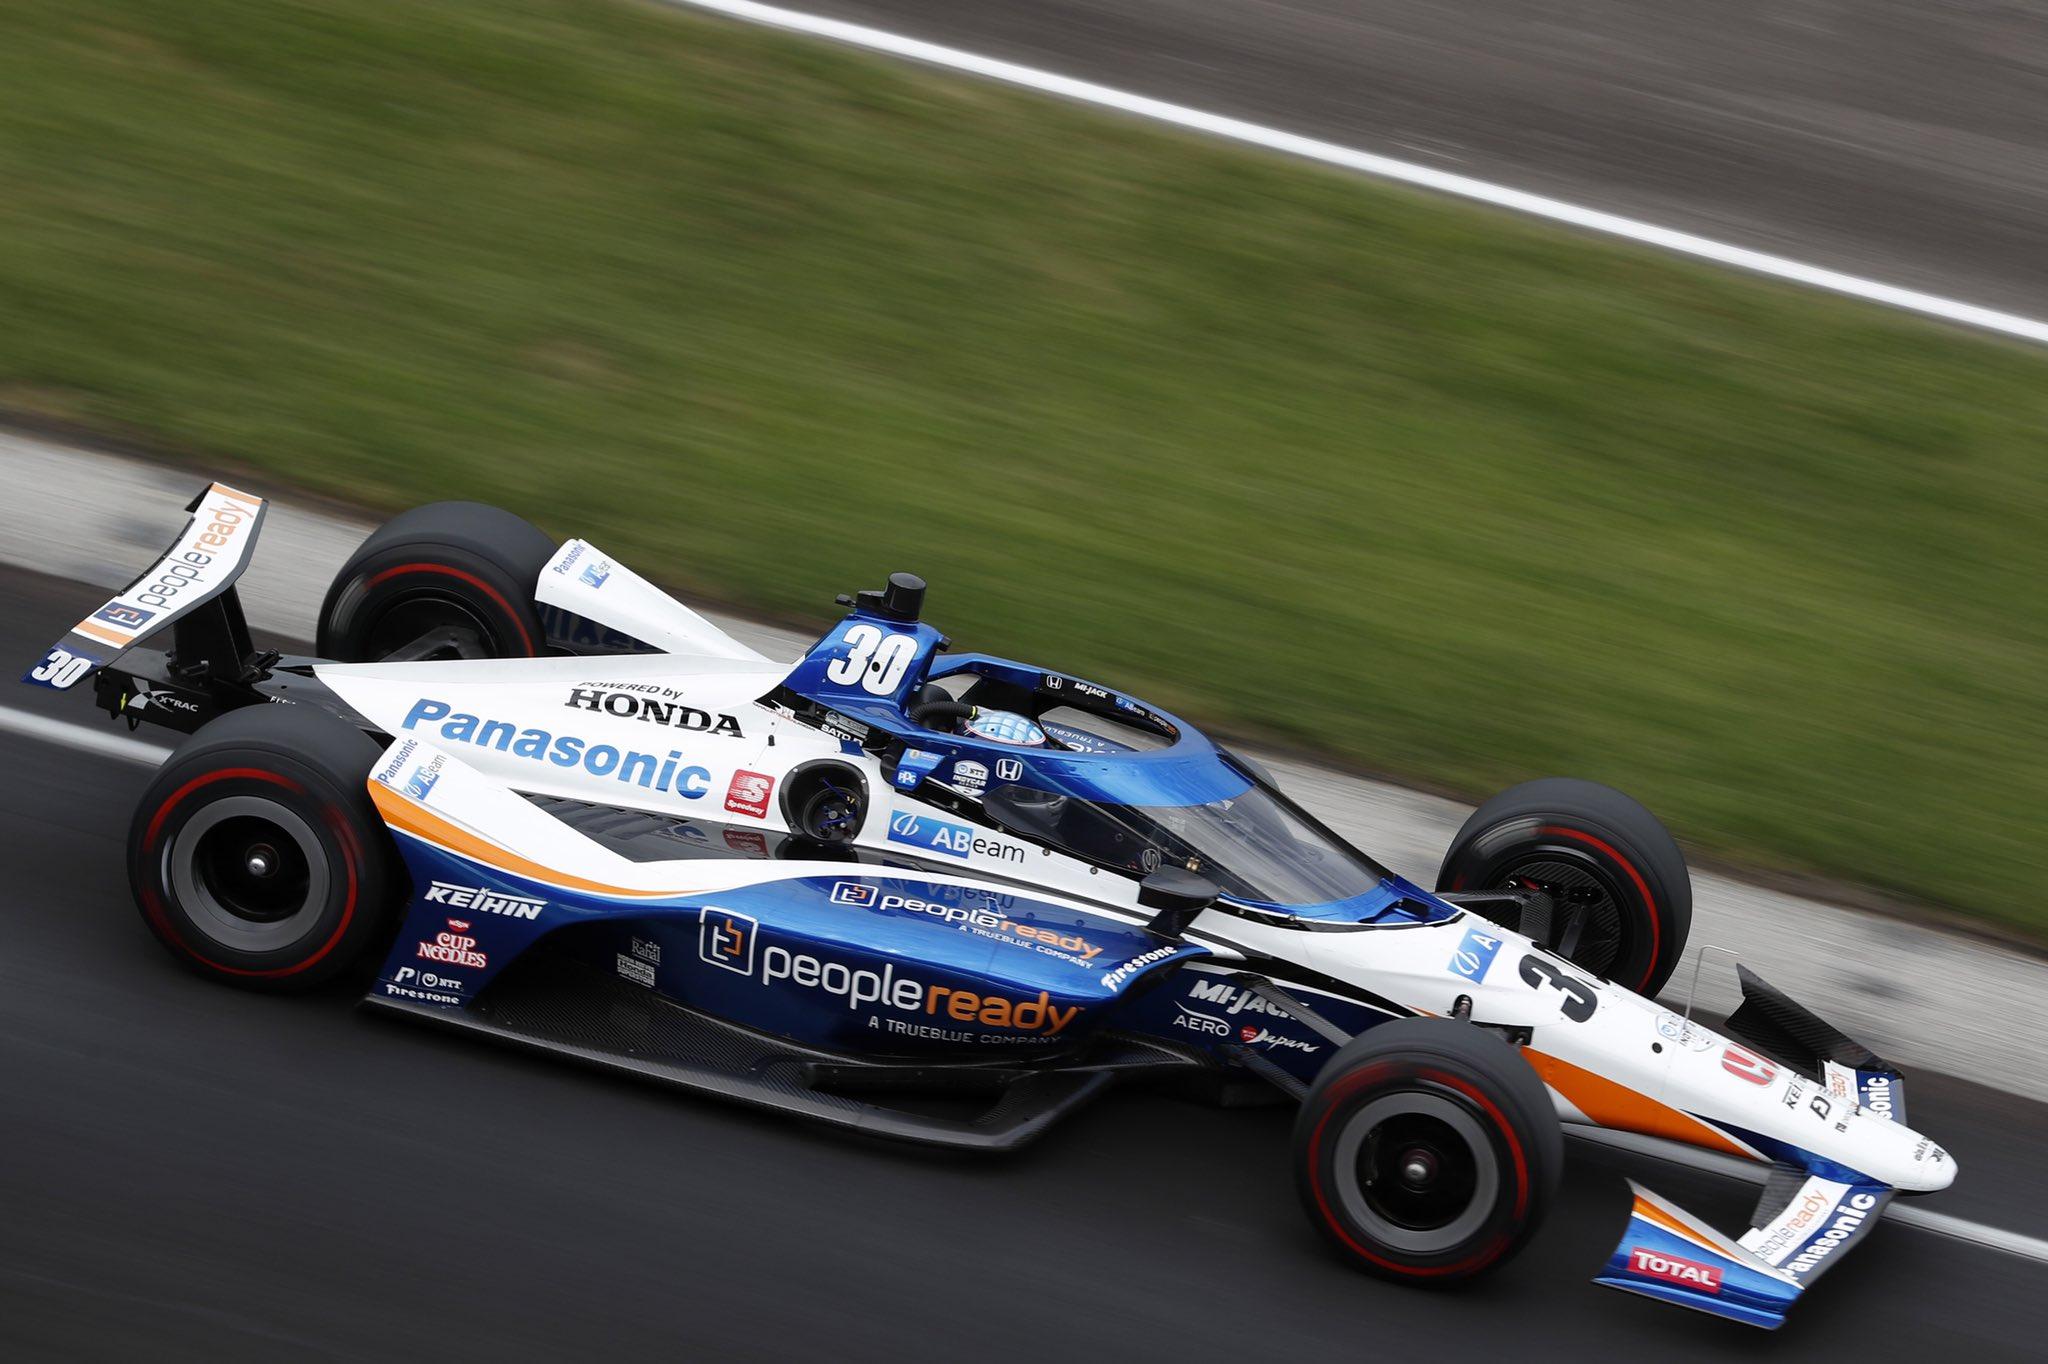 Takuma Sato © Indycar